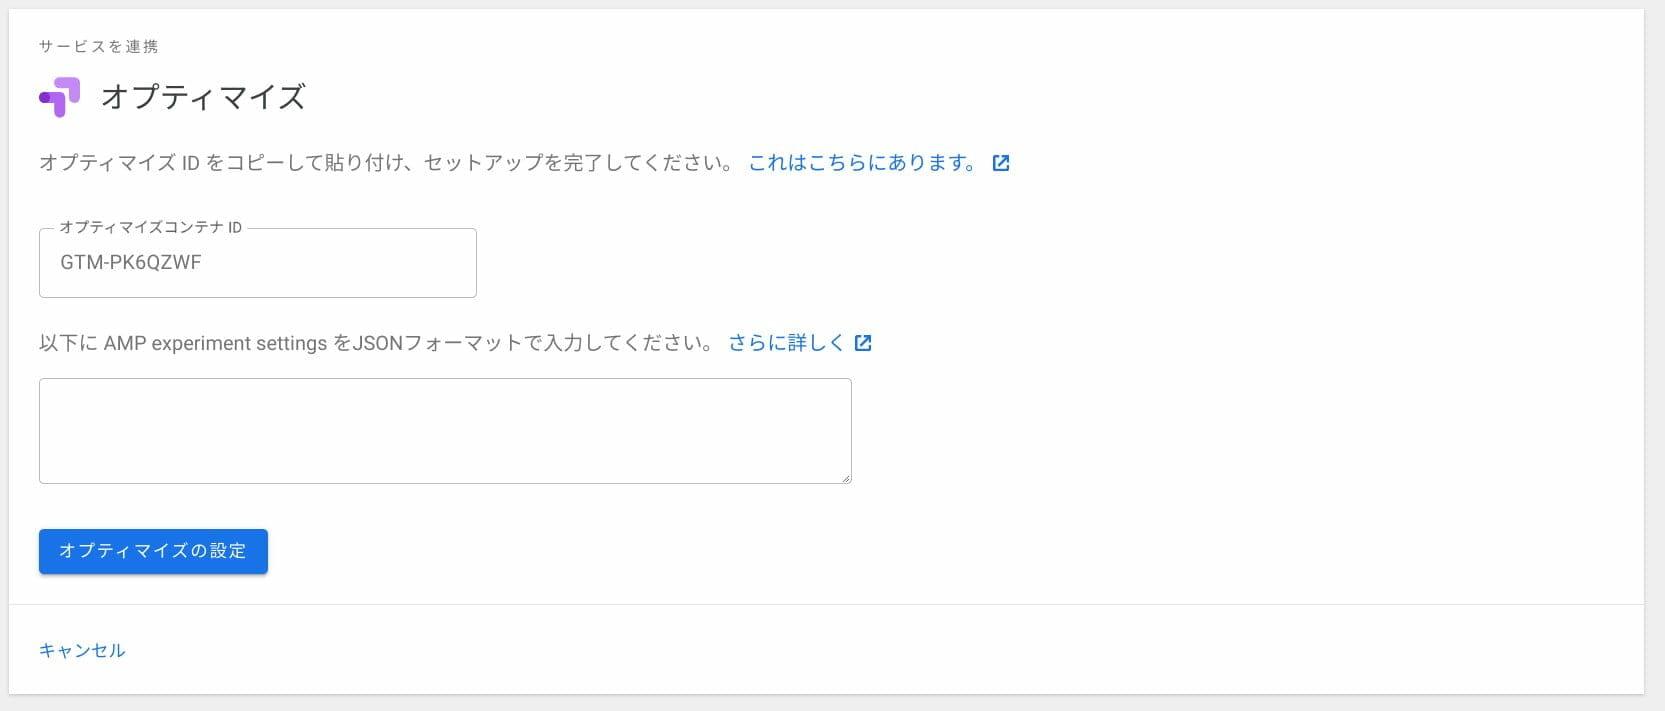 Site Kit:Google オプティマイズのコンテナ IDの指定